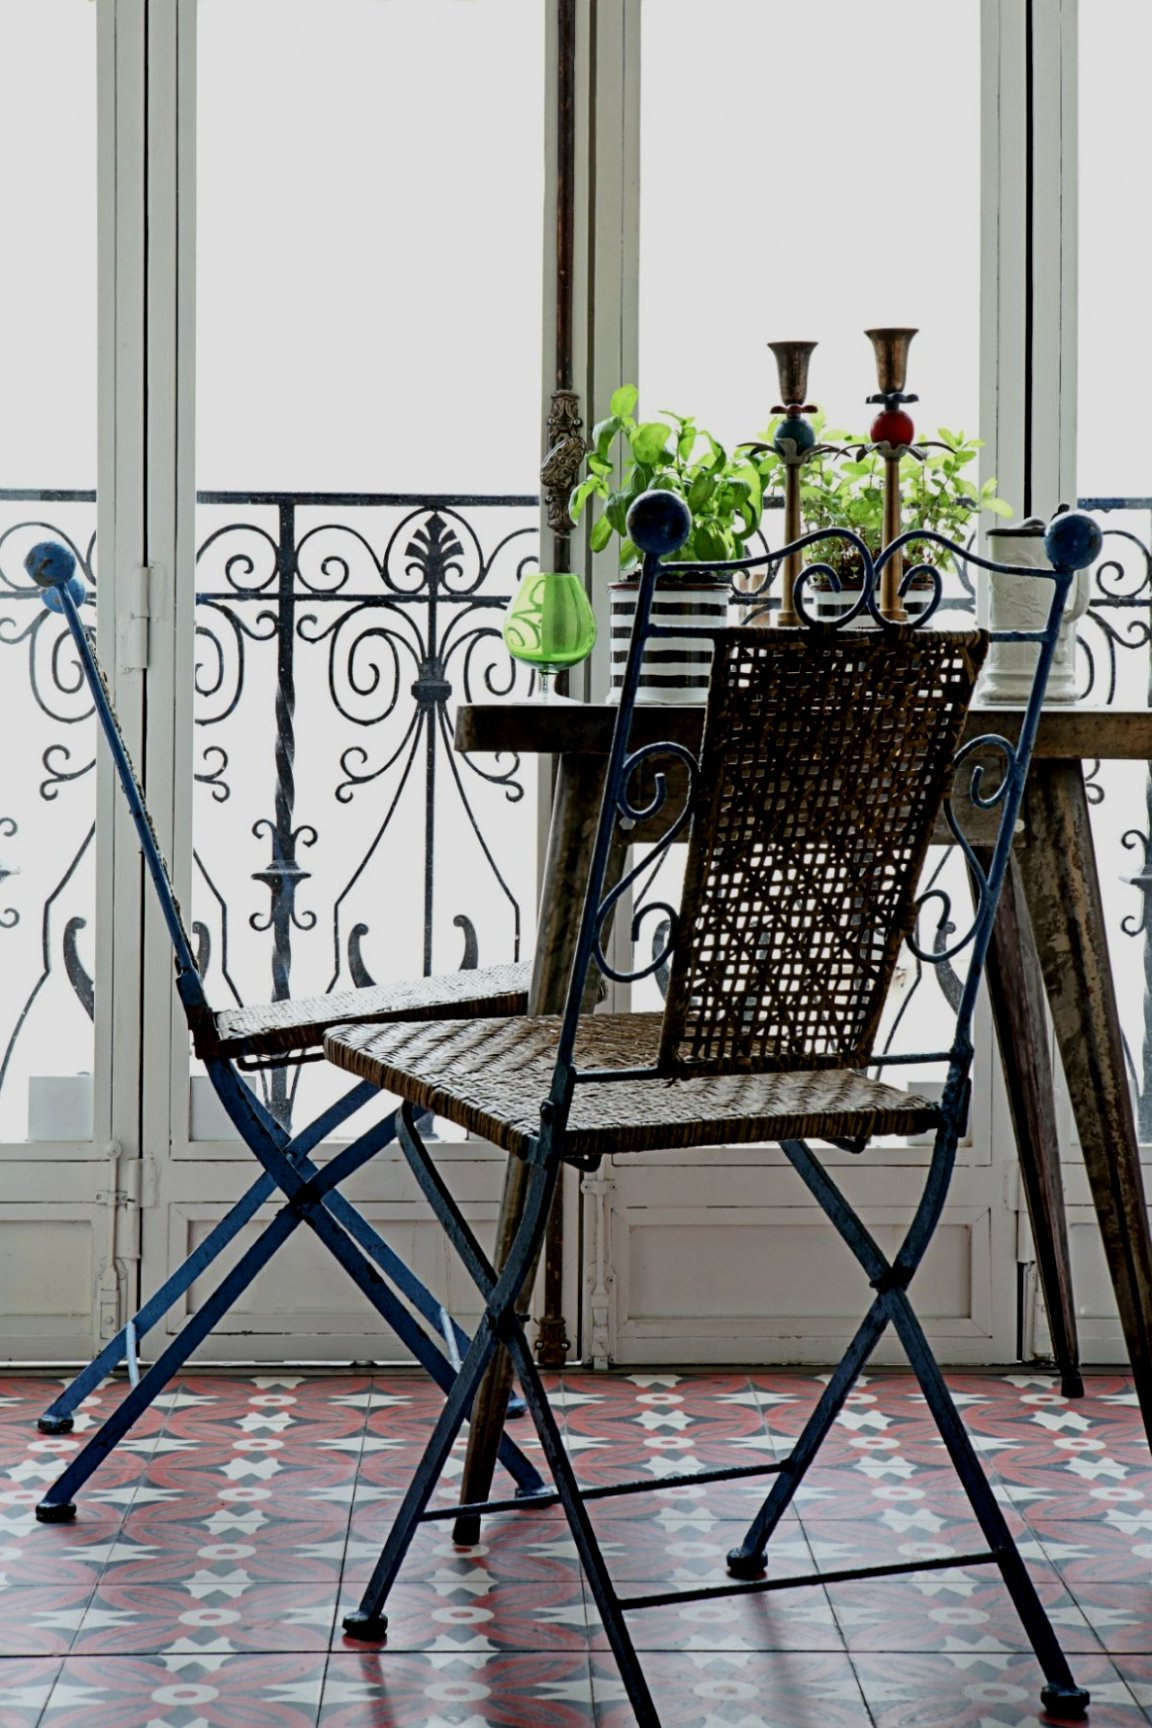 Mobiliario Jardin Carrefour 4pde Mobiliario Oficina Las Palmas Agradable Mesas Y Sillas De